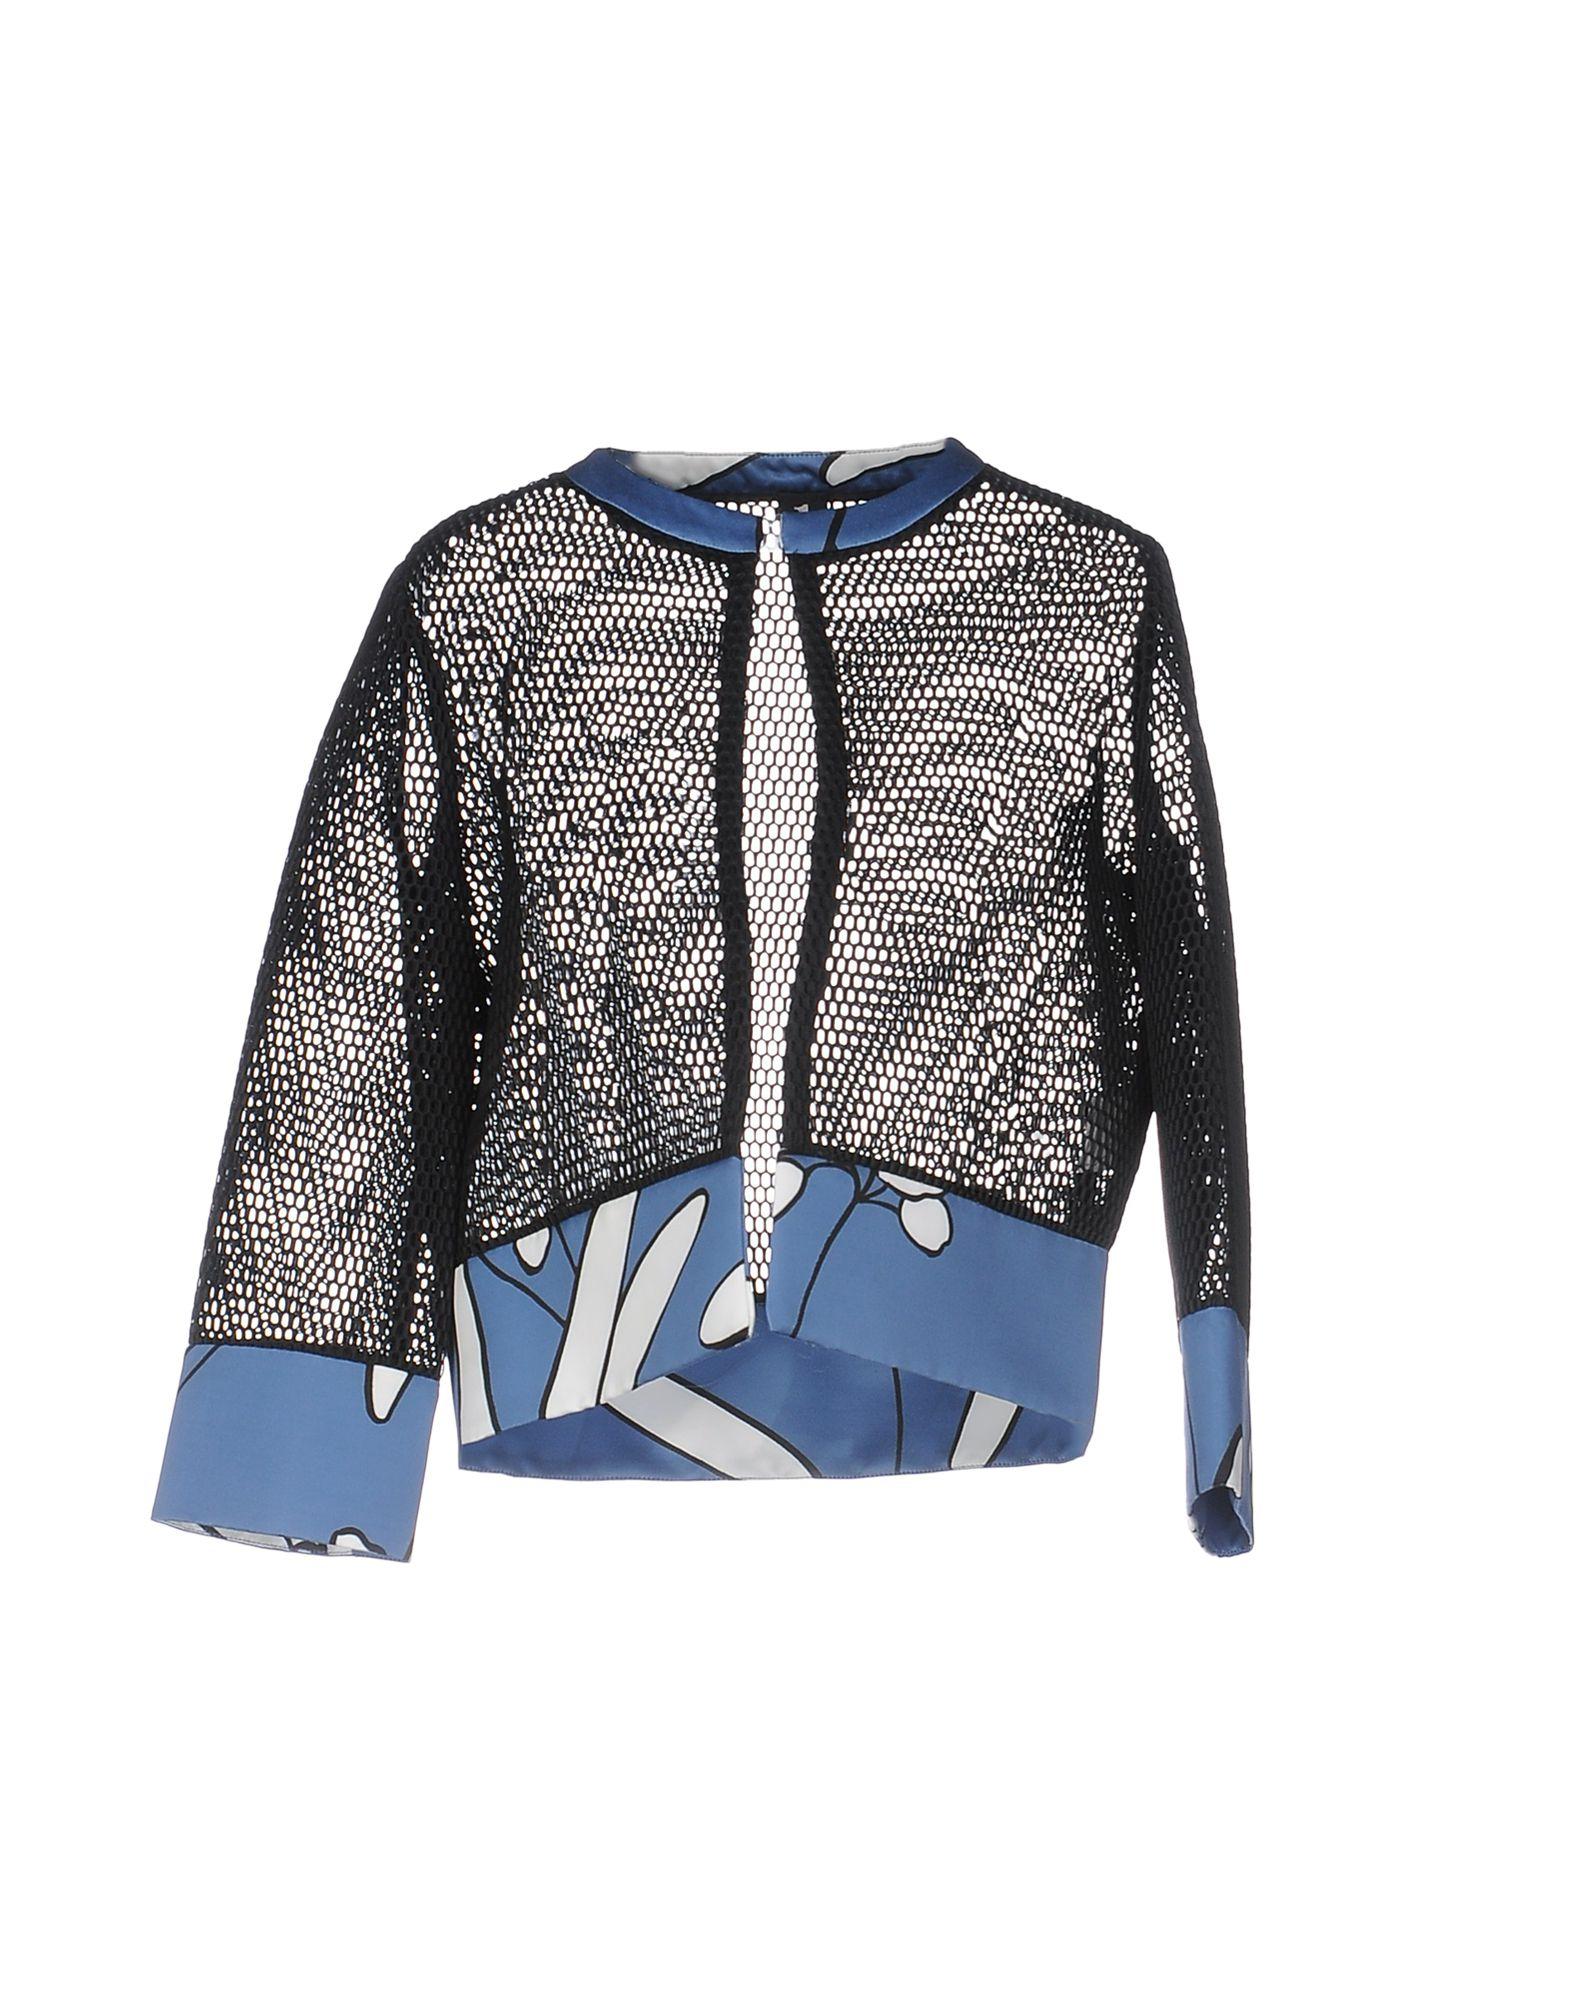 1-ONE Damen Jackett Farbe Schwarz Größe 7